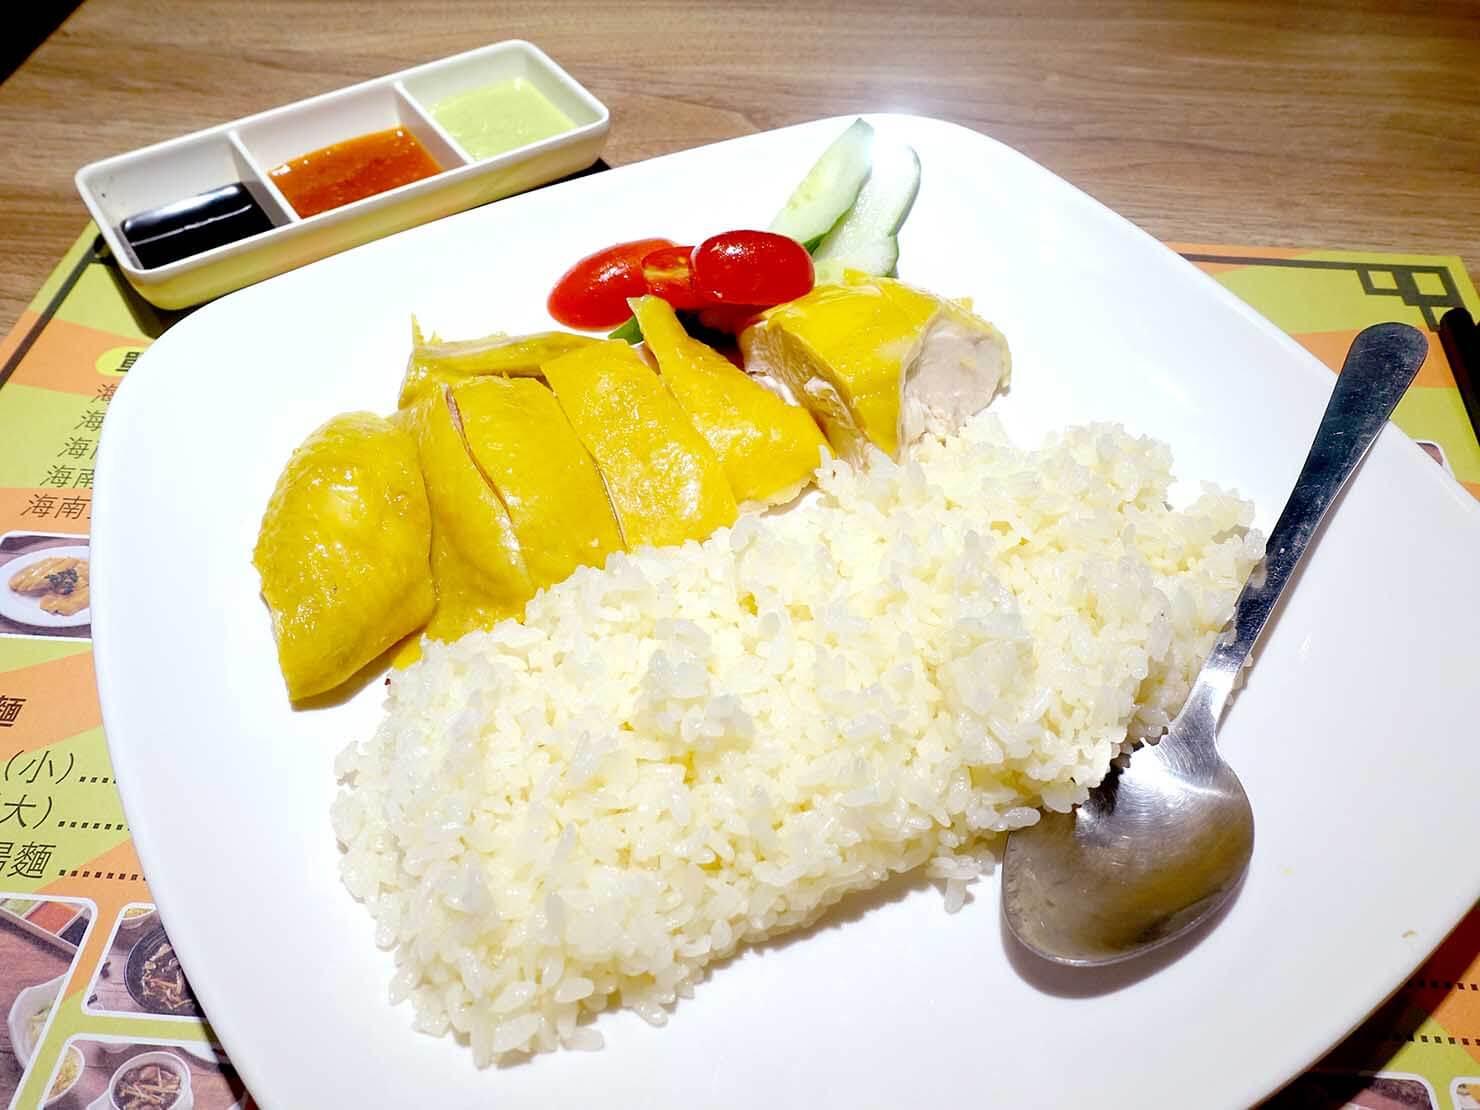 台北・遼寧街夜市のおすすめグルメ店「林記海南雞飯」の海南雞飯